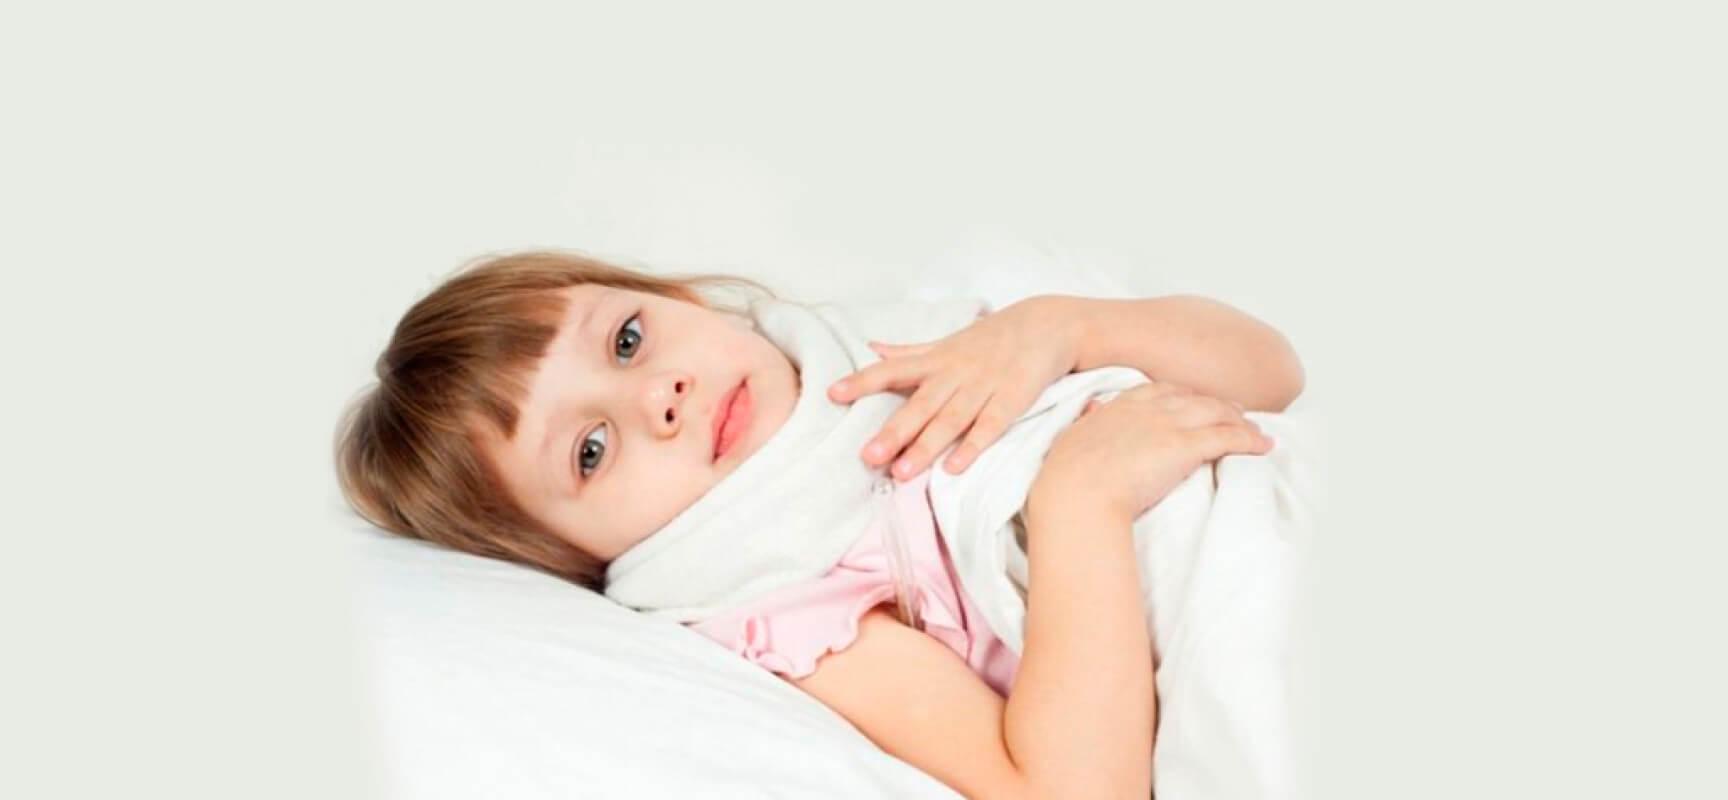 Менингококковая инфекция у ребенка: симптомы опасного недуга